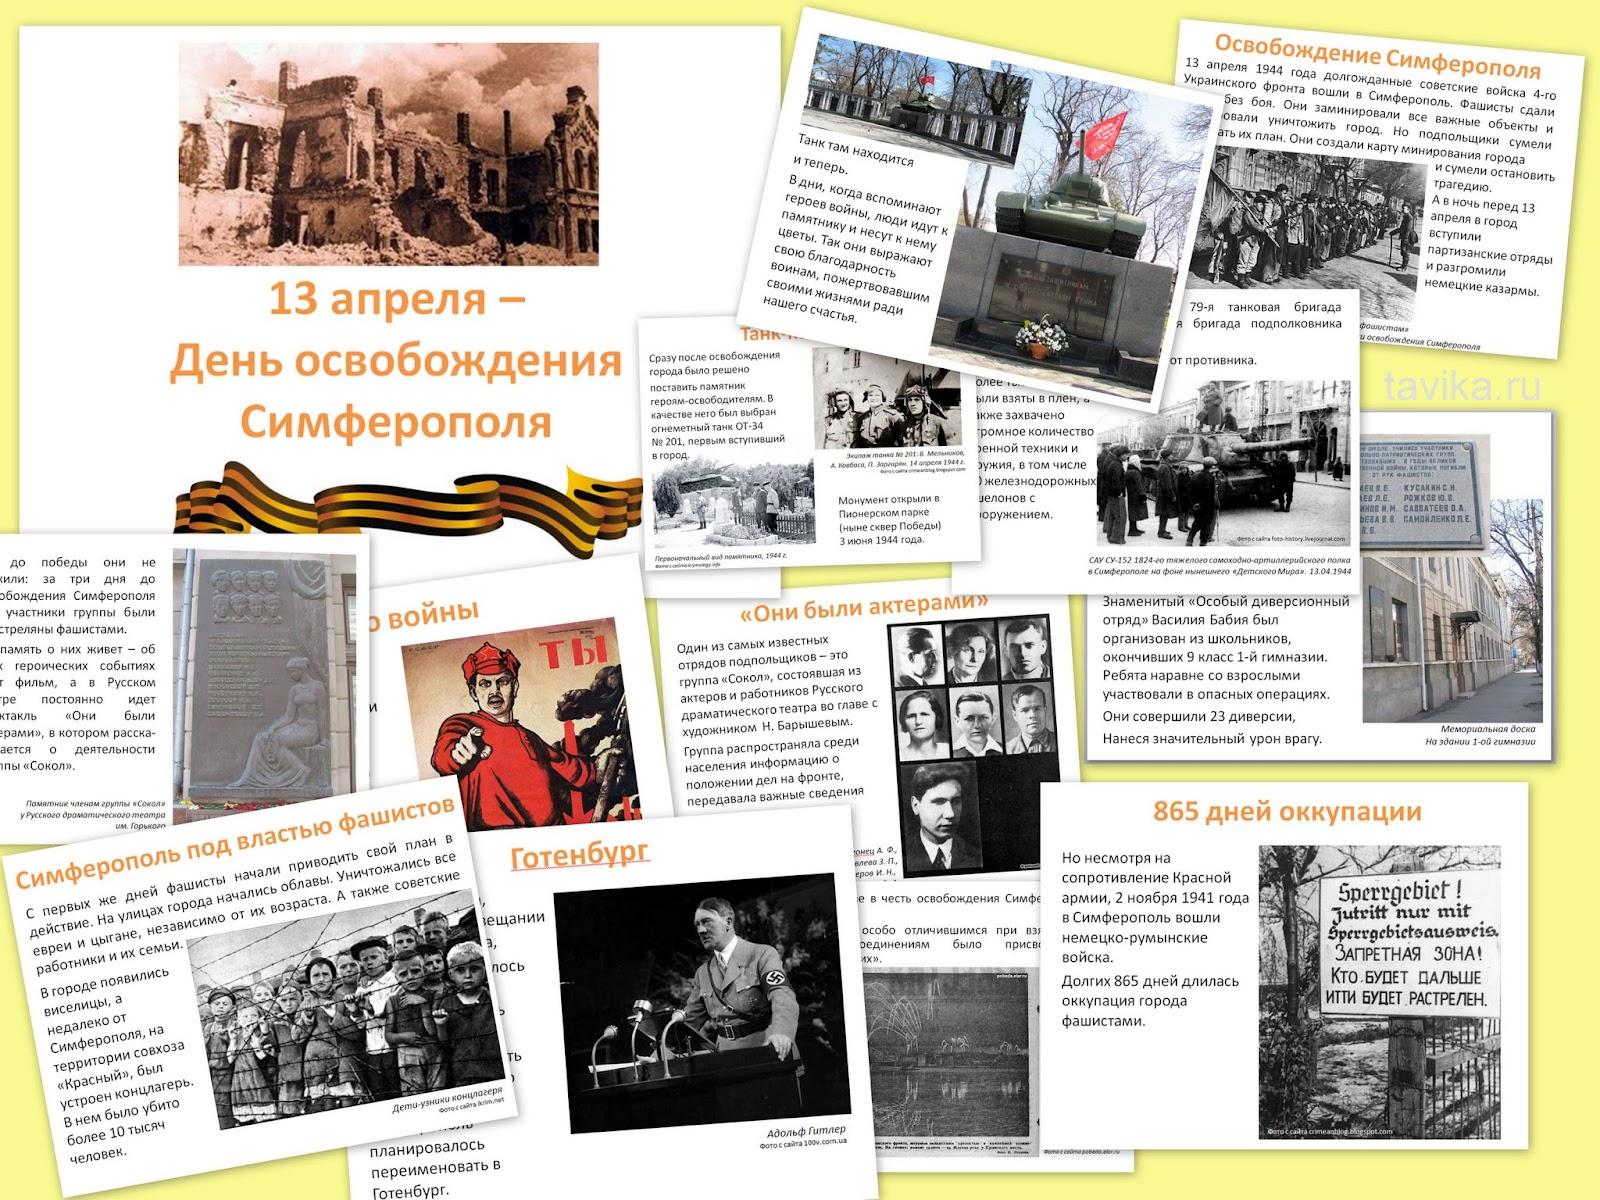 Презентация ко Дню освобождения Симферополя